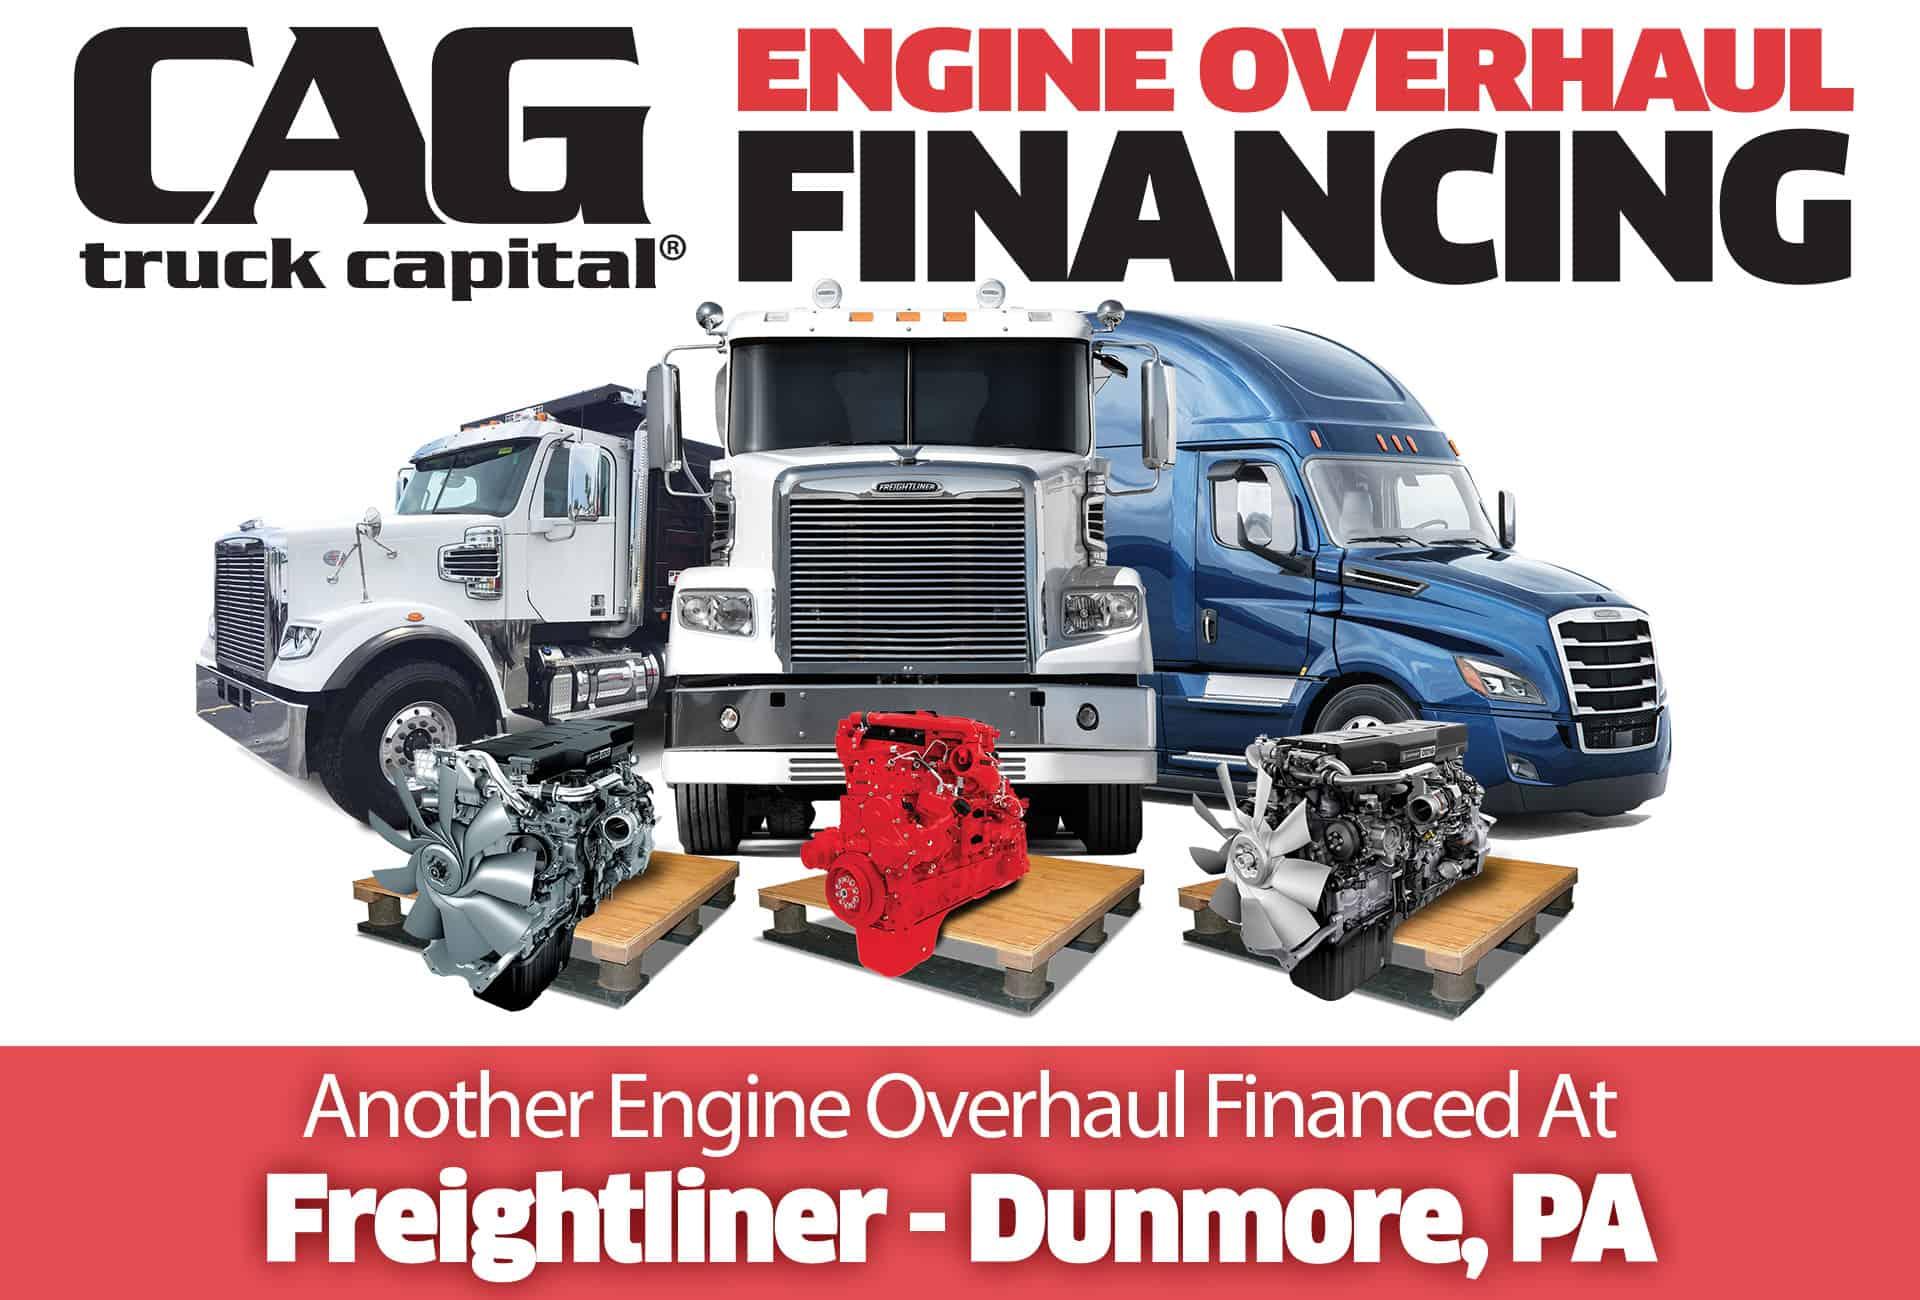 Freightliner Engine Overhauls In Dunmore, PA